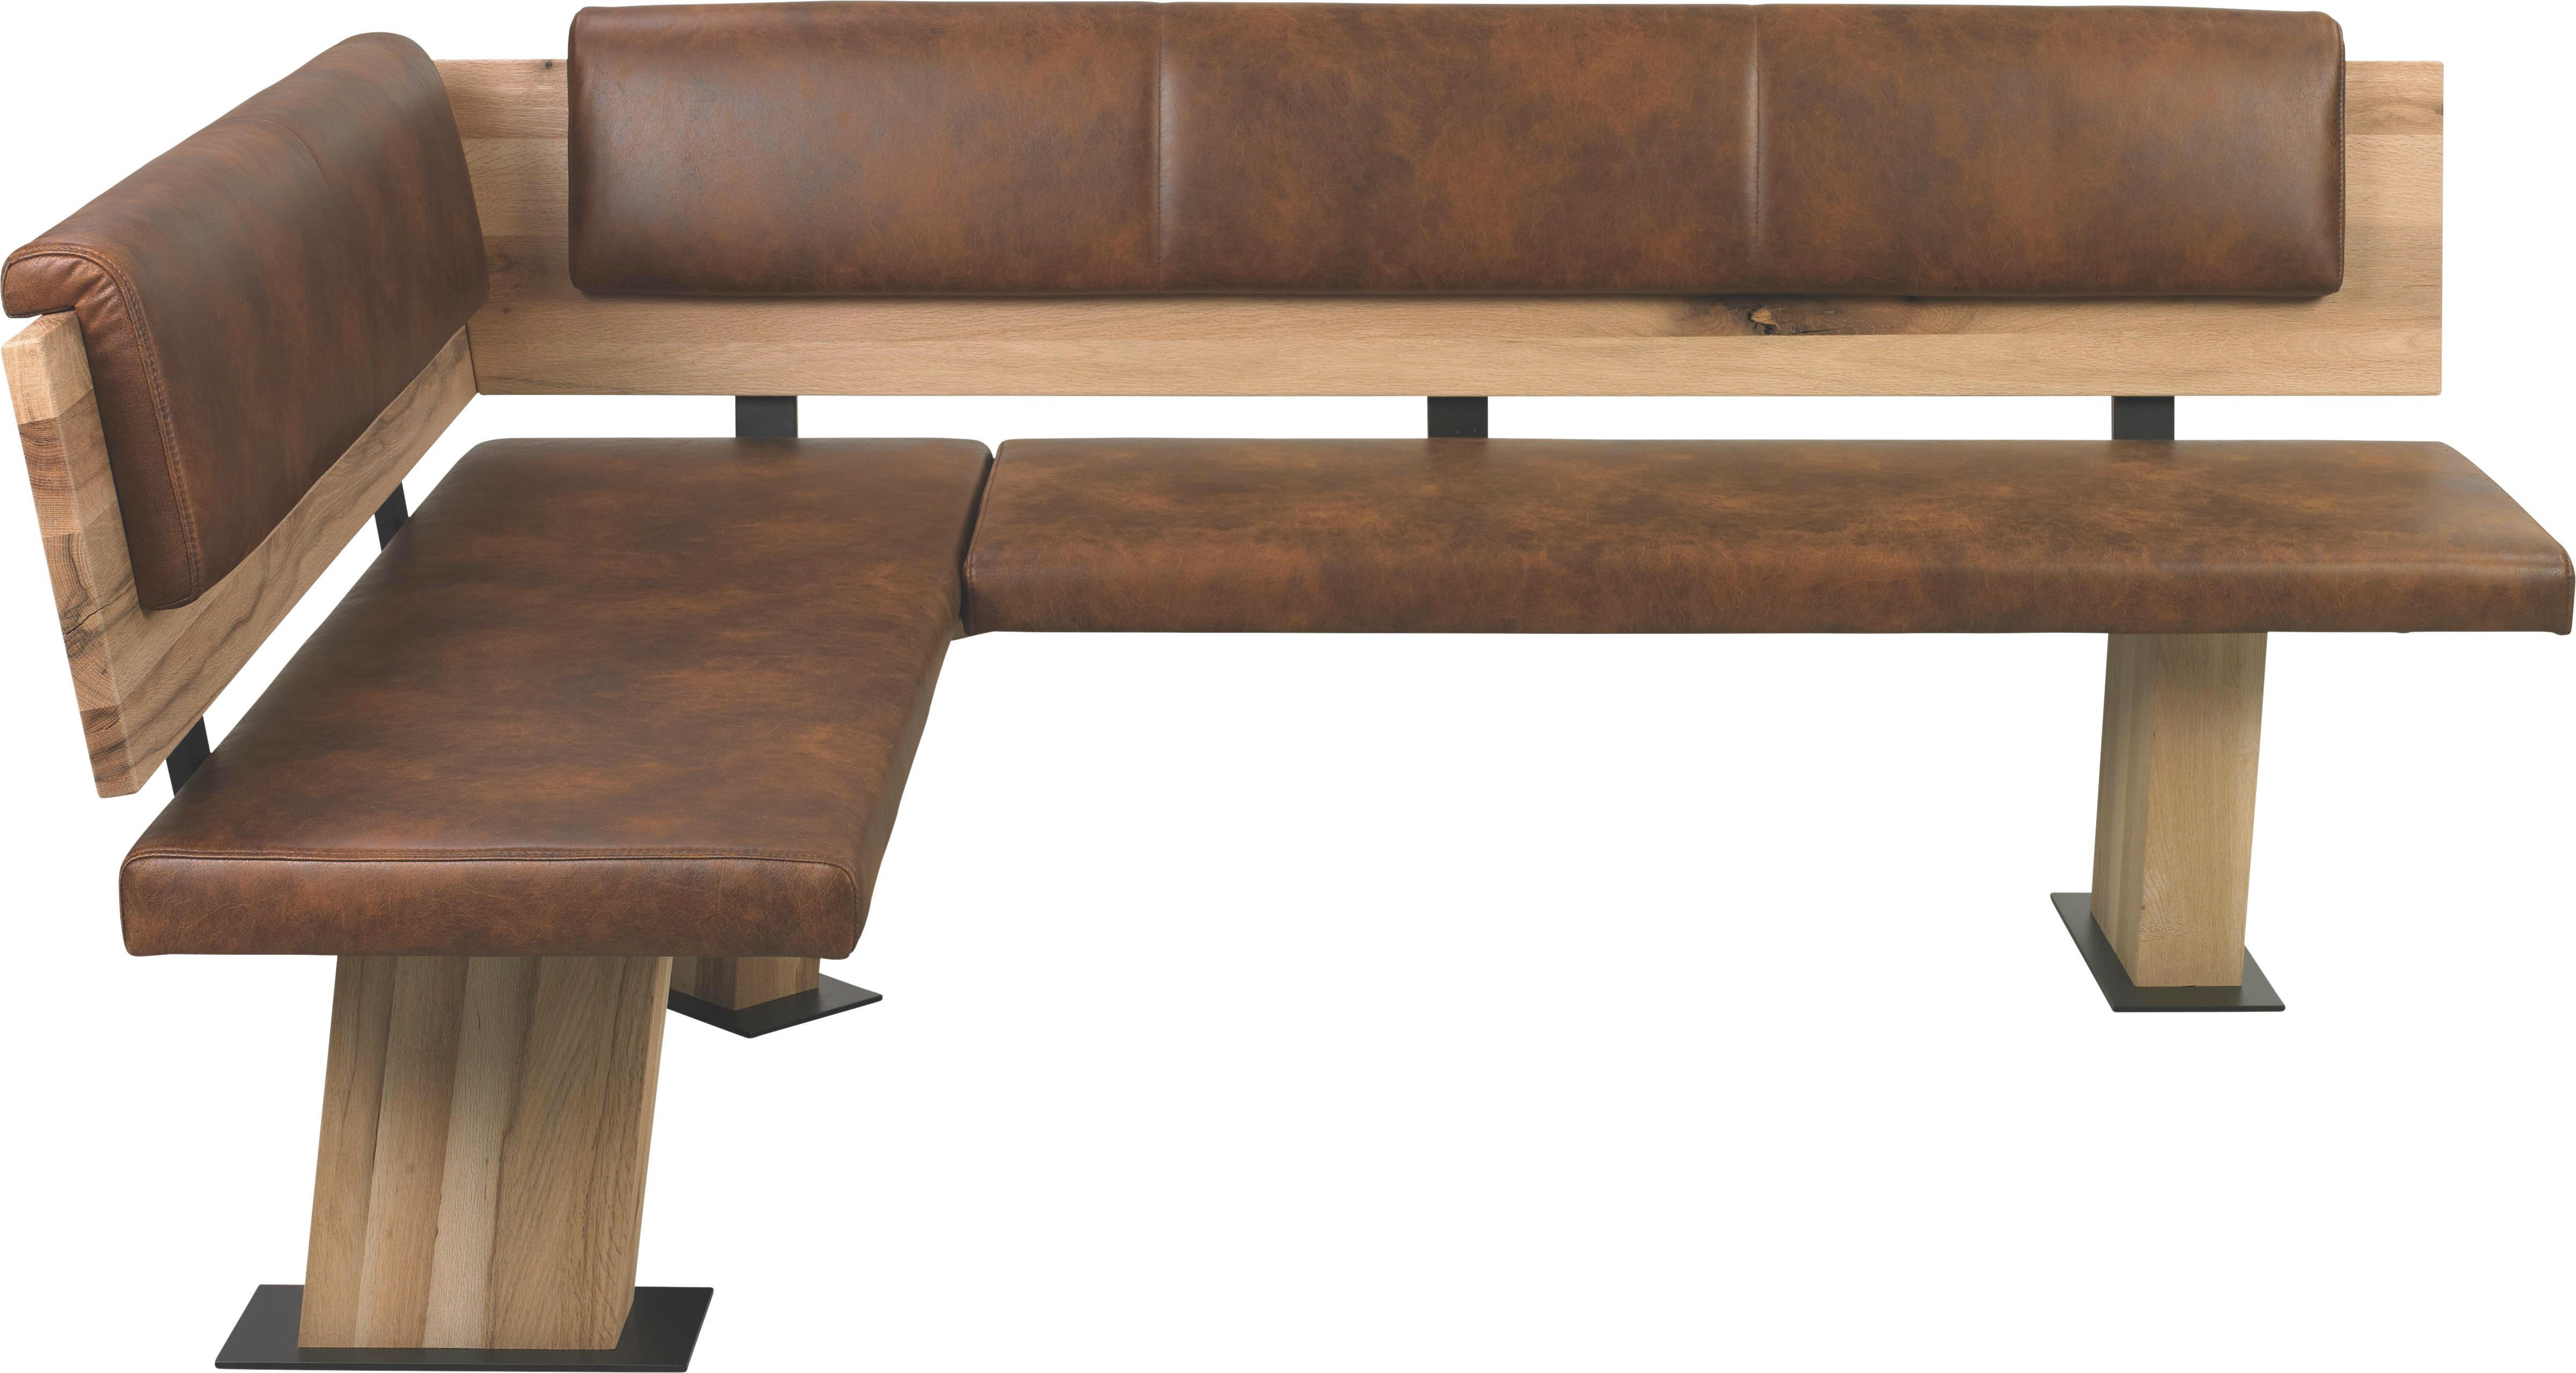 ECKBANK In Holz, Metall, Textil Braun, Eichefarben   Eichefarben/Braun,  Design